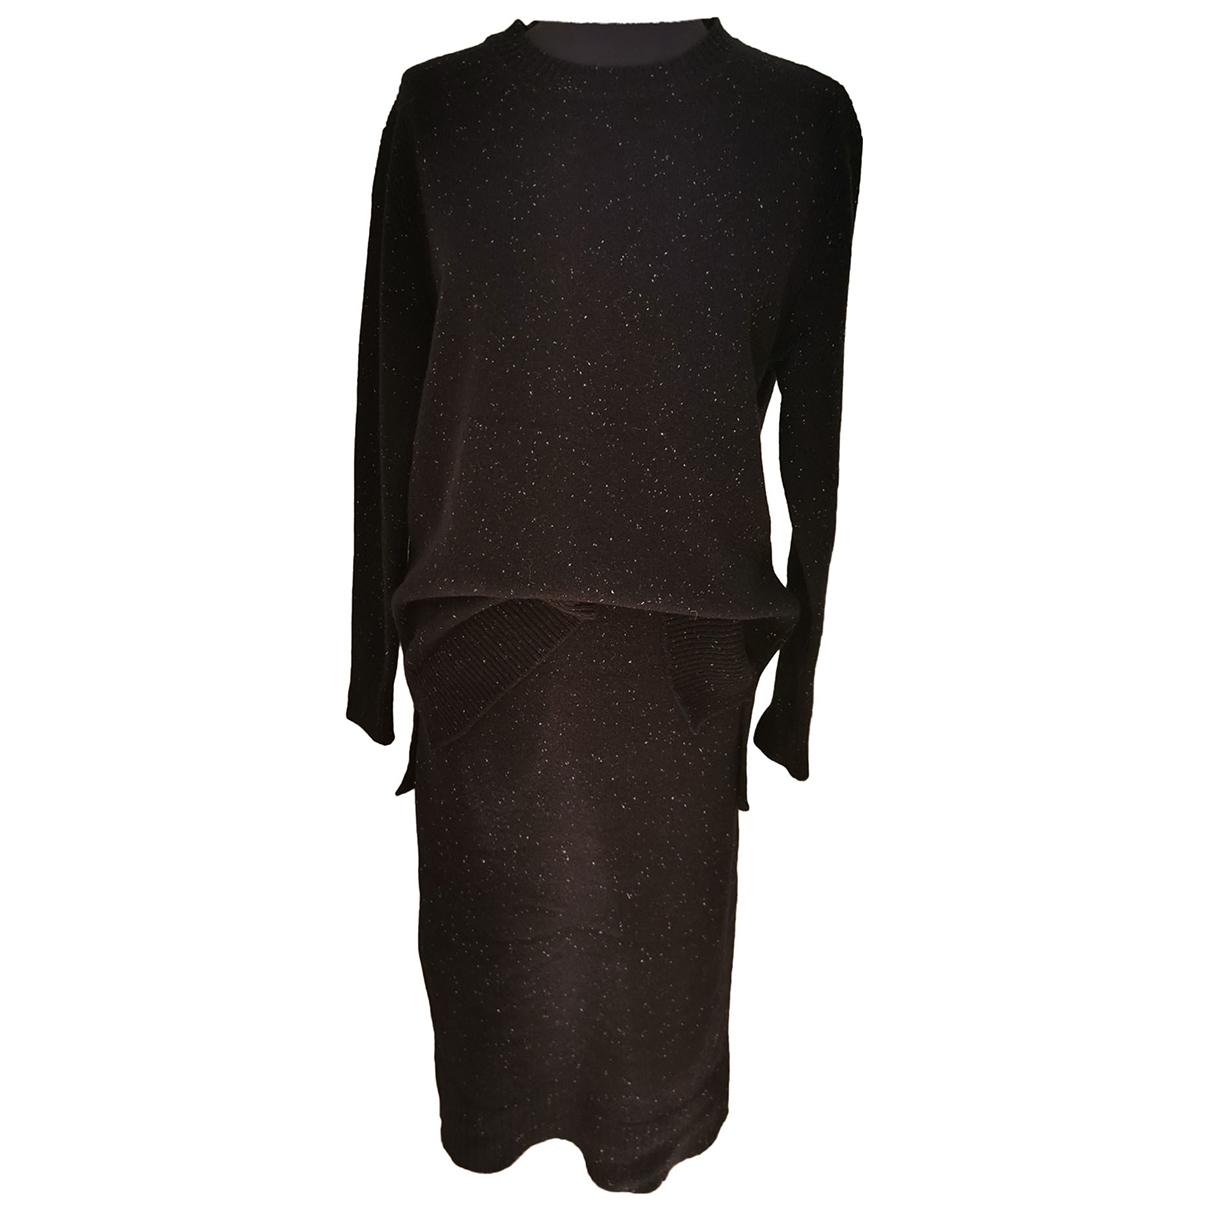 Sandro \N Navy Wool dress for Women 1 0-5